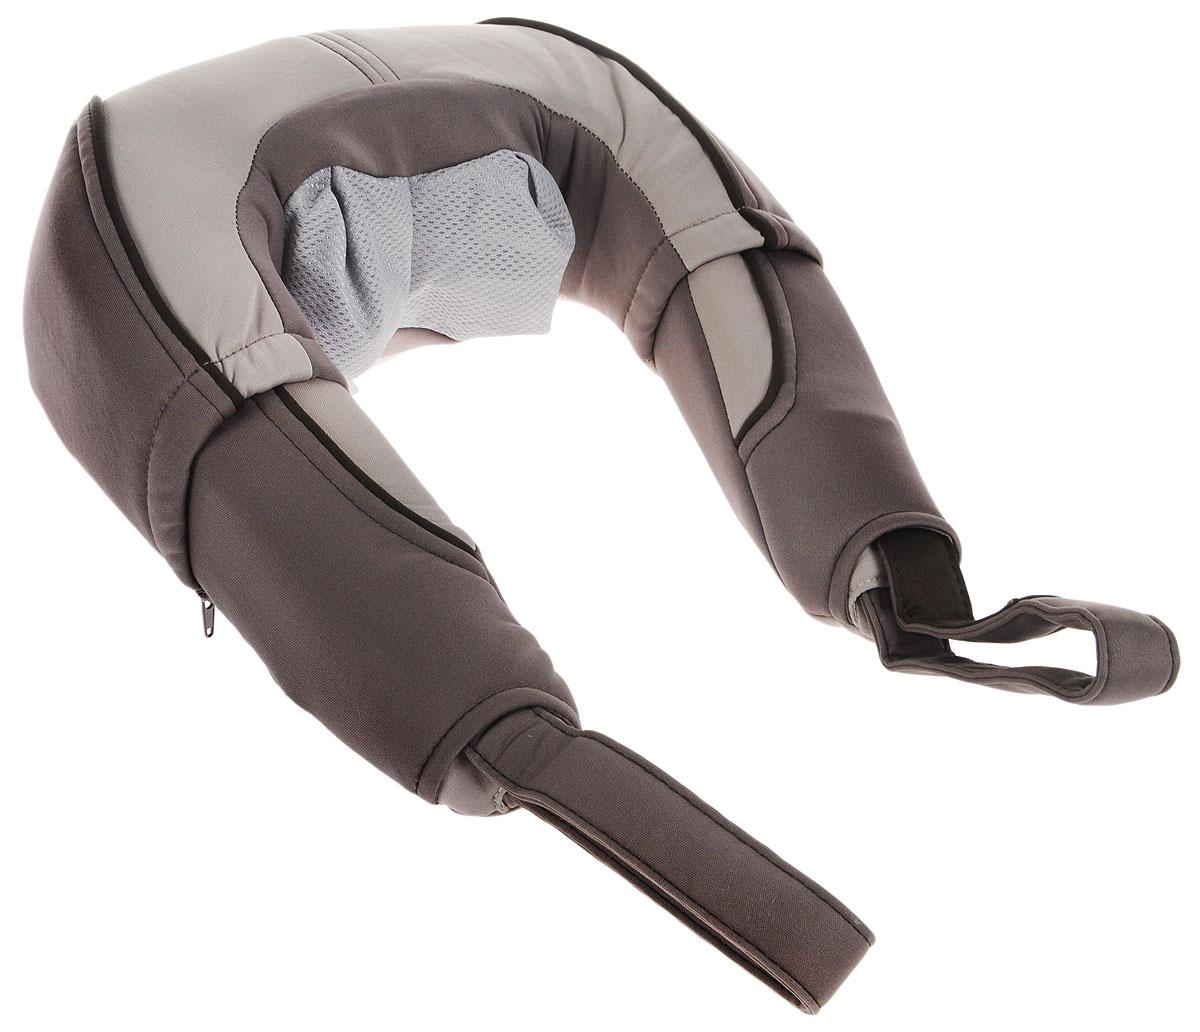 HoMedics NMS-250-EU массажер для шеи маникюрный набор homedics elm ped500 eu белый